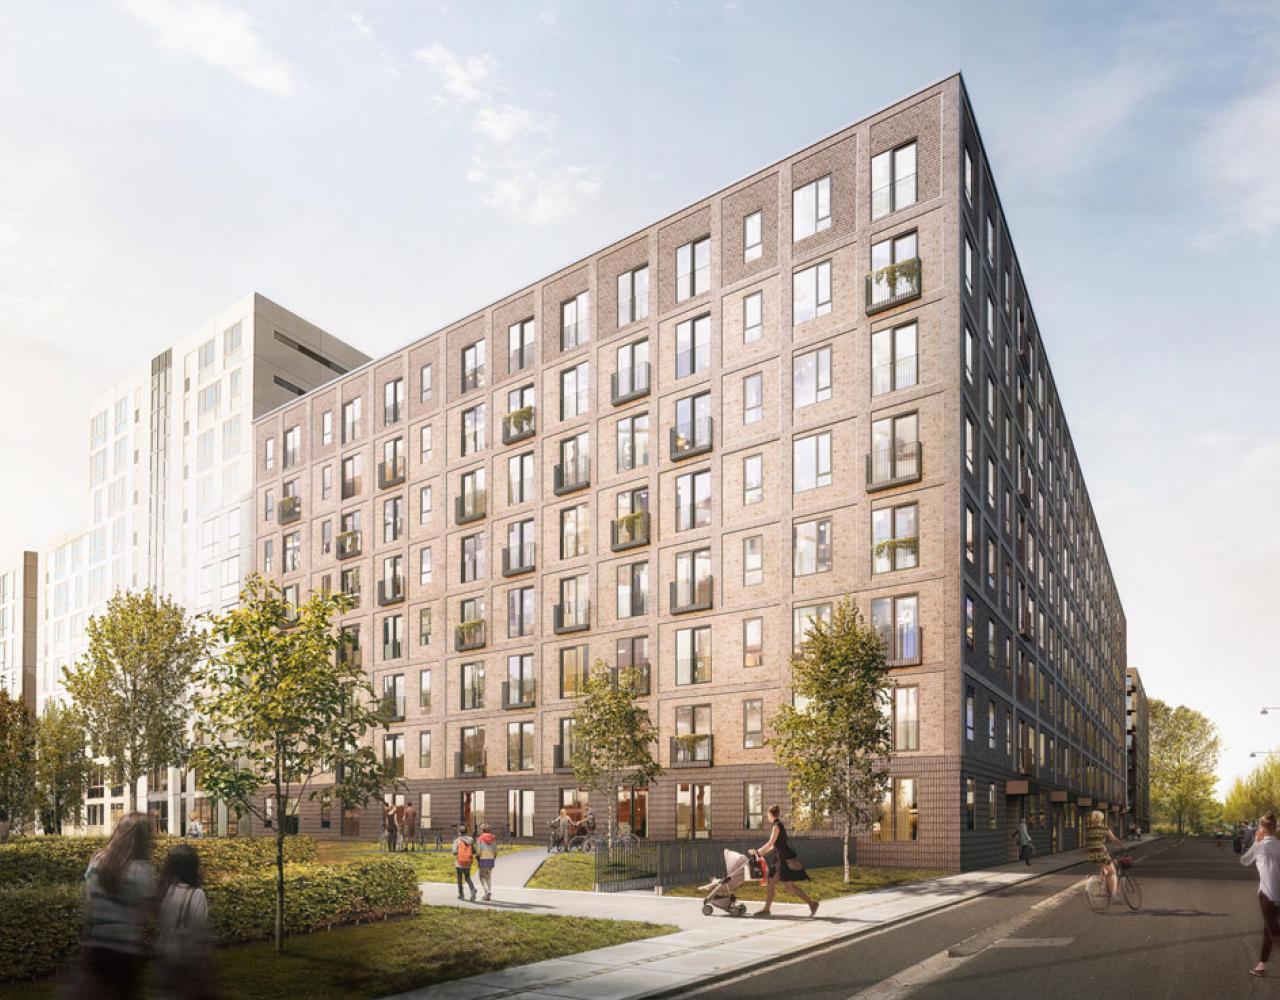 CF Møller Ørestad City boligblok